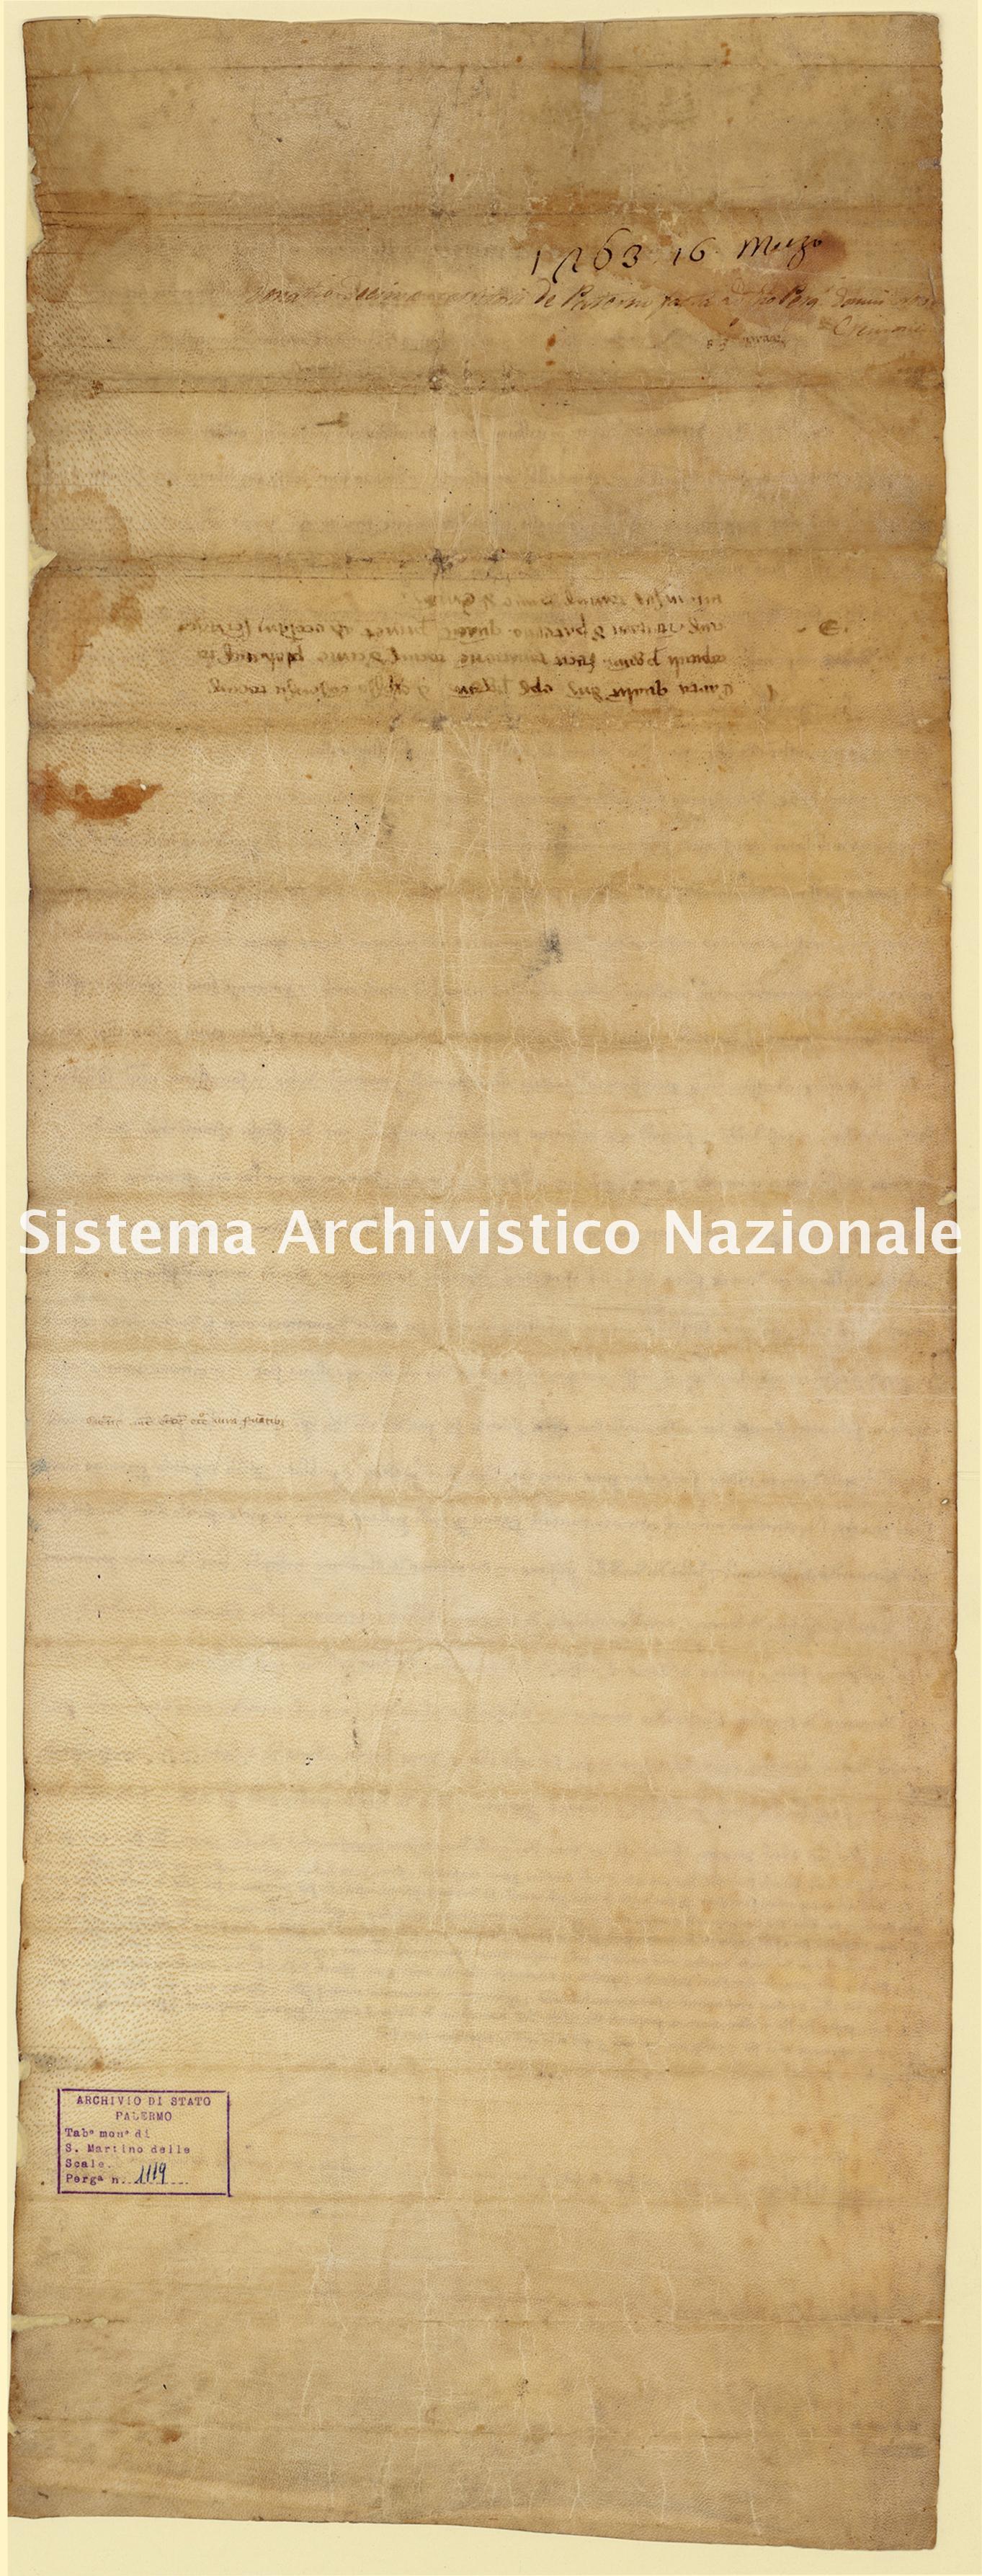 Archivio di Stato di Palermo, Diplomatico, Tabulario del monastero di San Martino delle Scale, Pergamena TSMS 1119